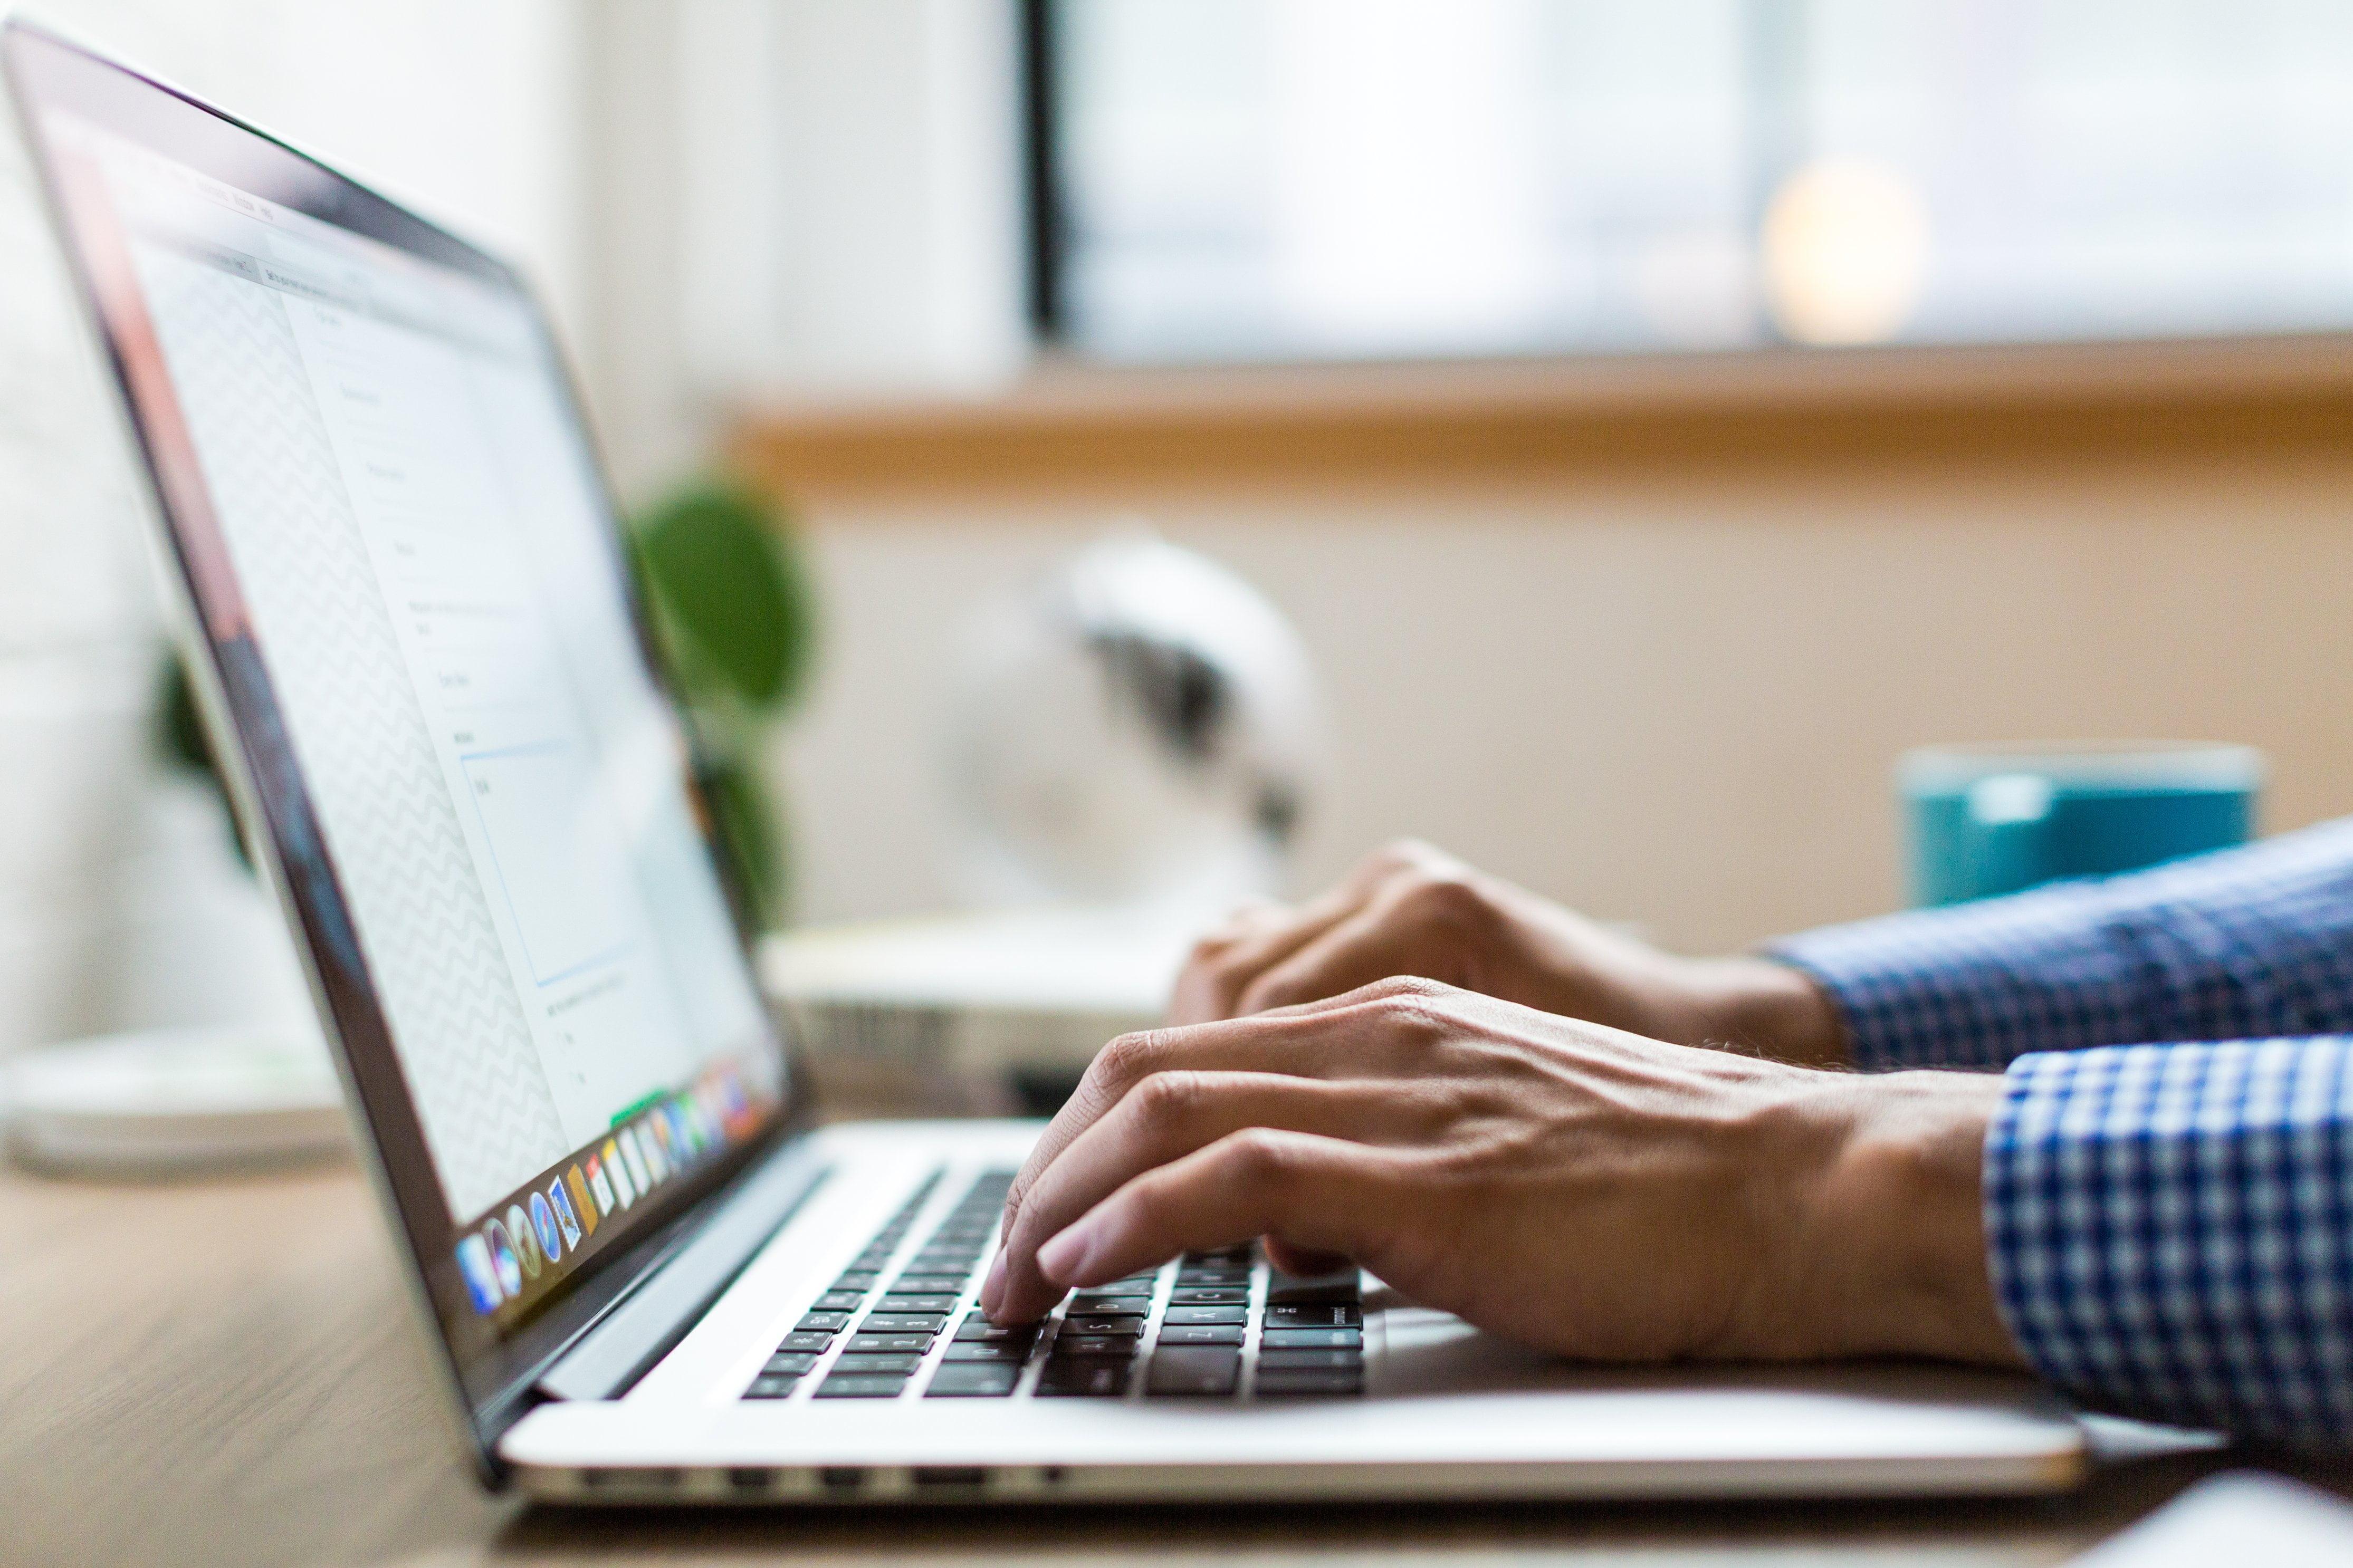 أفضل مجالات العمل والربح من الانترنت للعام ٢٠٢٠